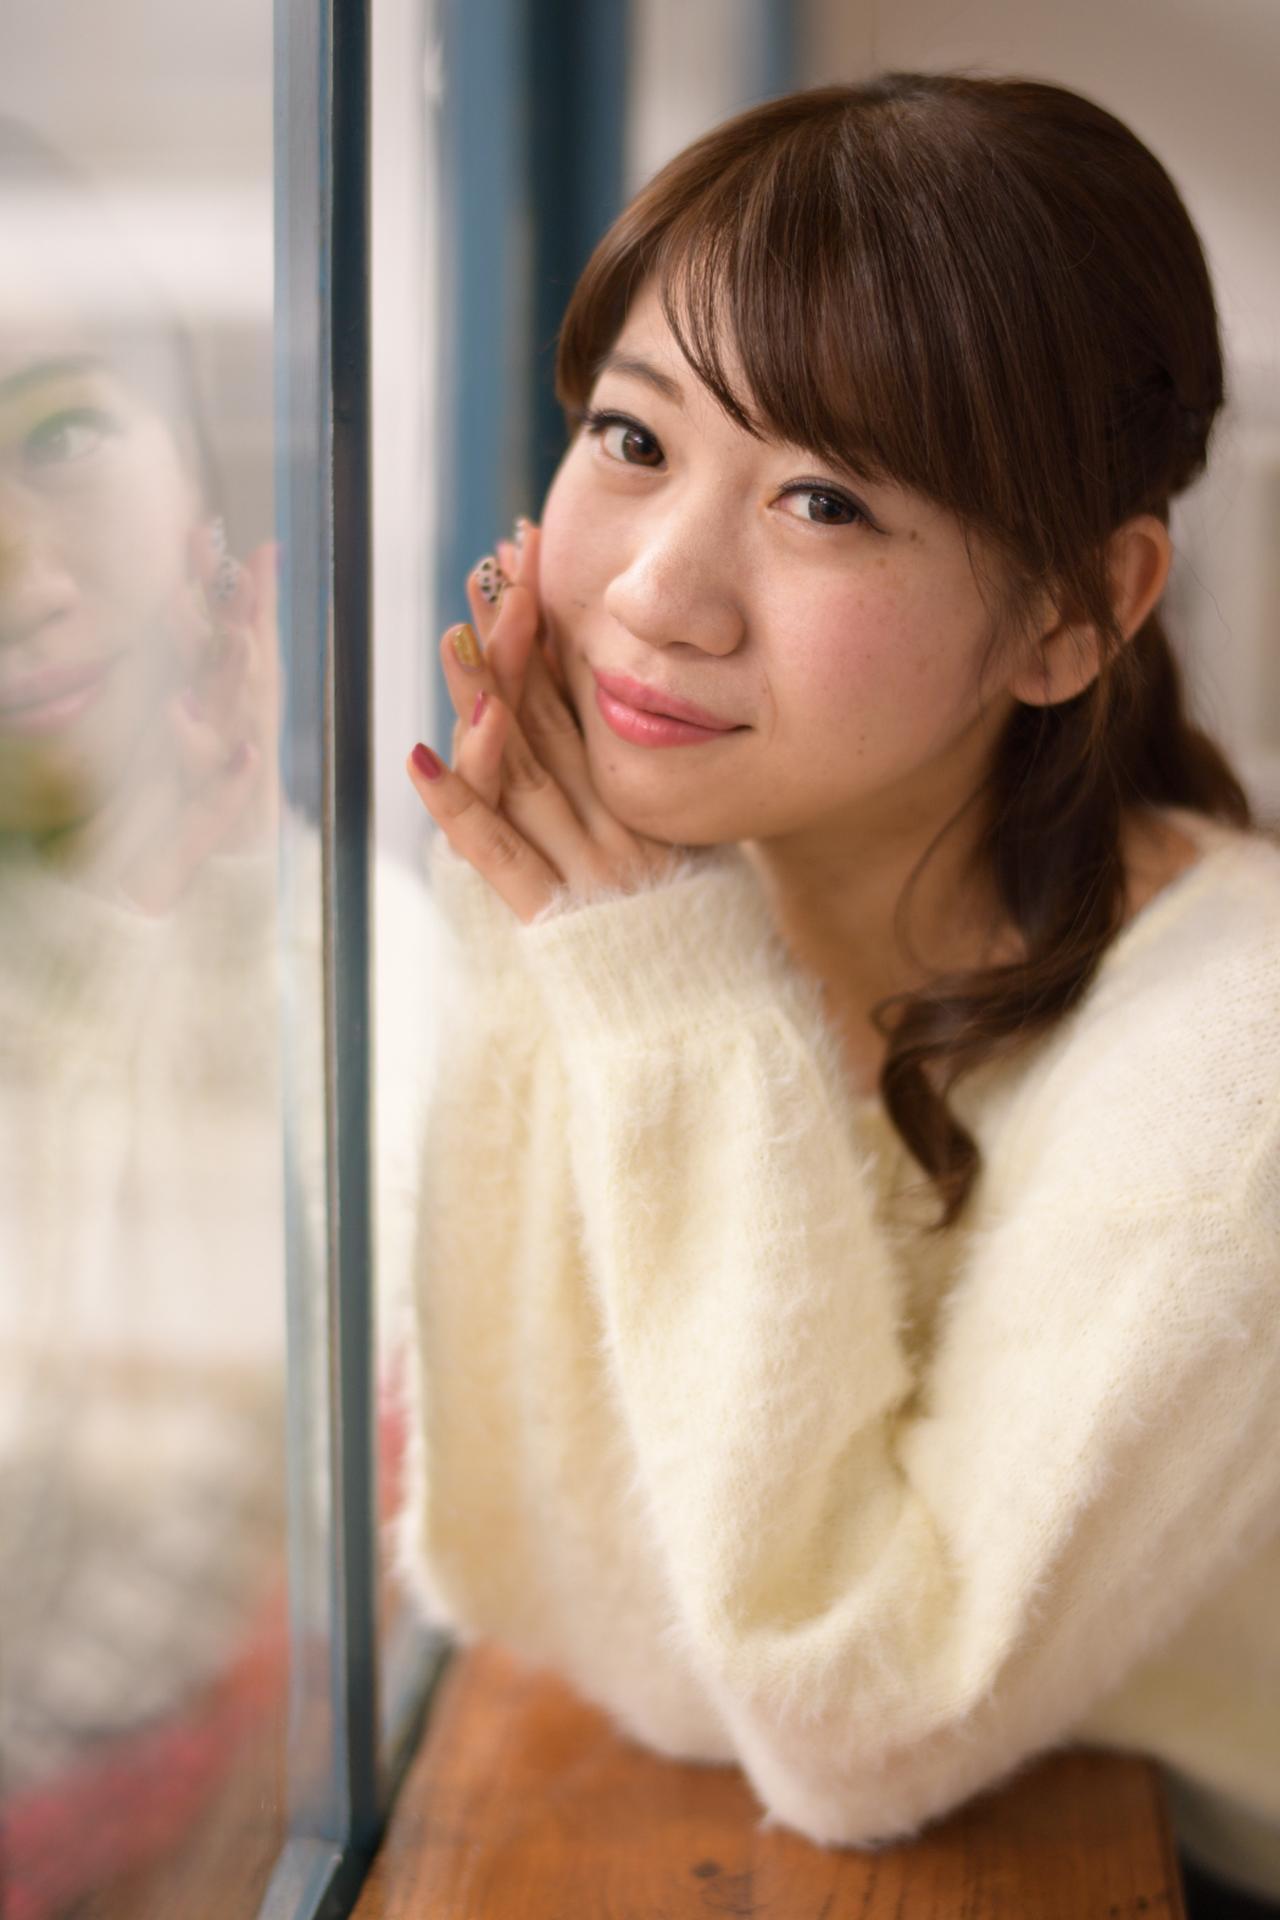 画像: 女子ウケ間違いなし!麻布で高コスパ焼肉「花十番」をレポート! 【なぁ、飲み行かへん?Vol.21】